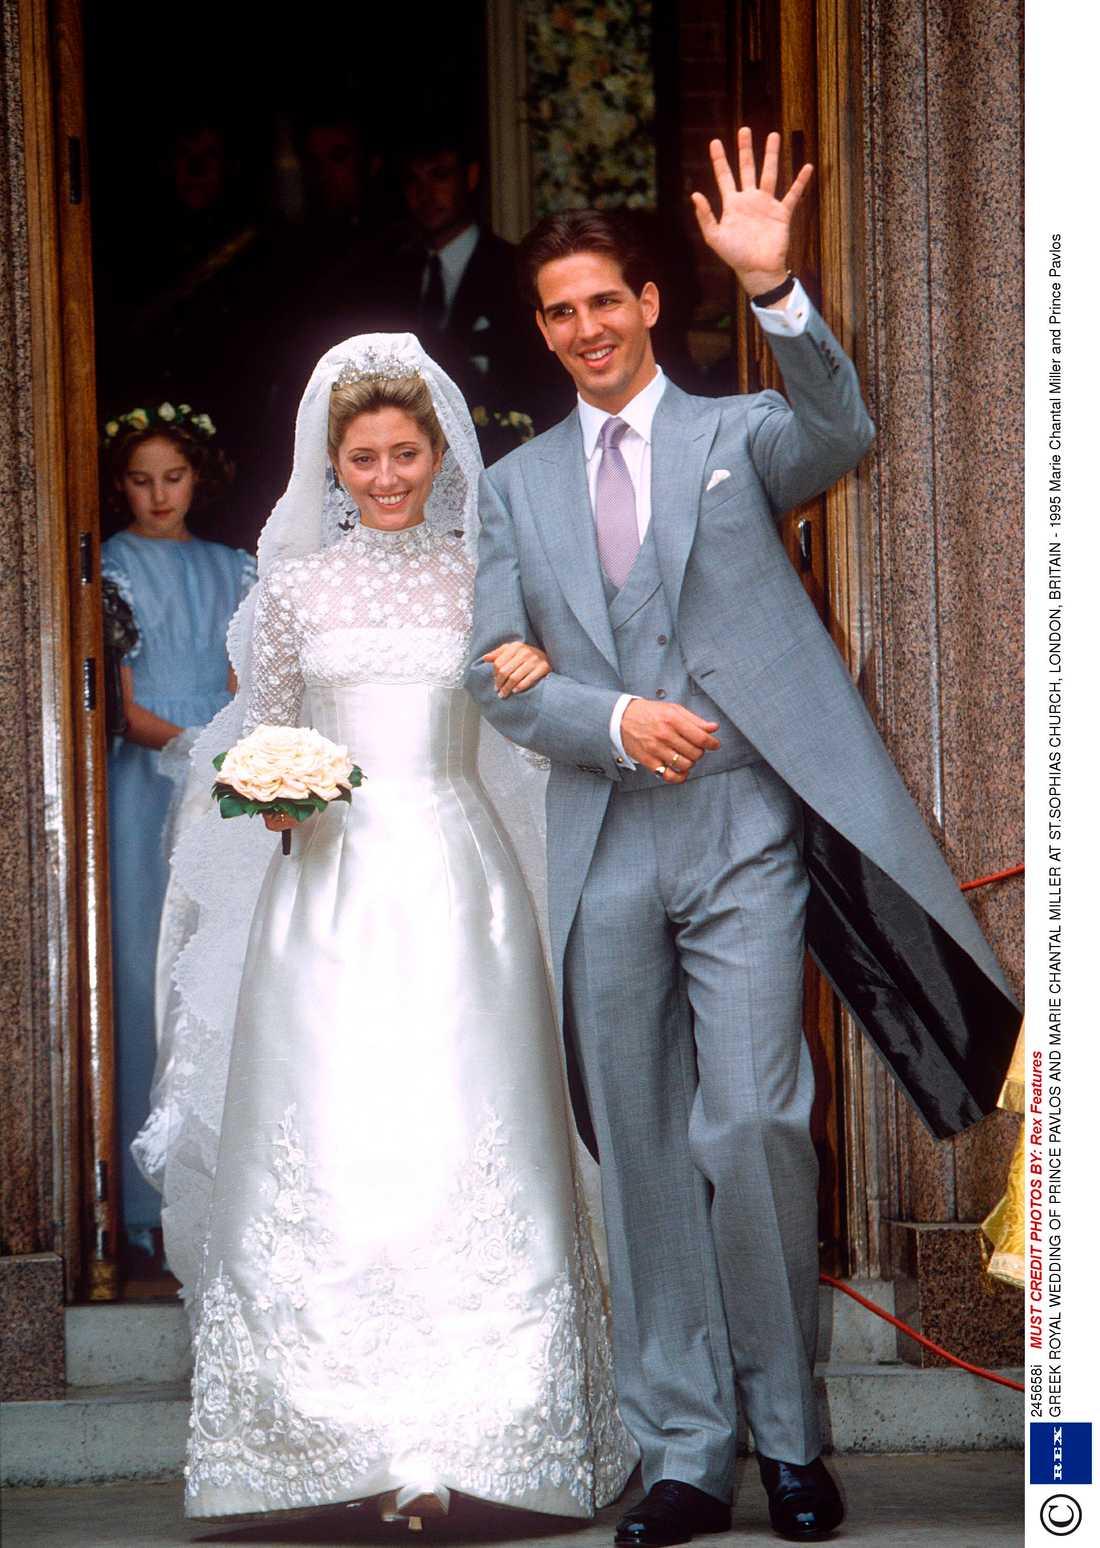 Marie Chantal är god vän till prinsessan Madeleine och är gäst på bröllopet. Hon bar en sidenklänning med spetsdetaljer signerad Valentino.